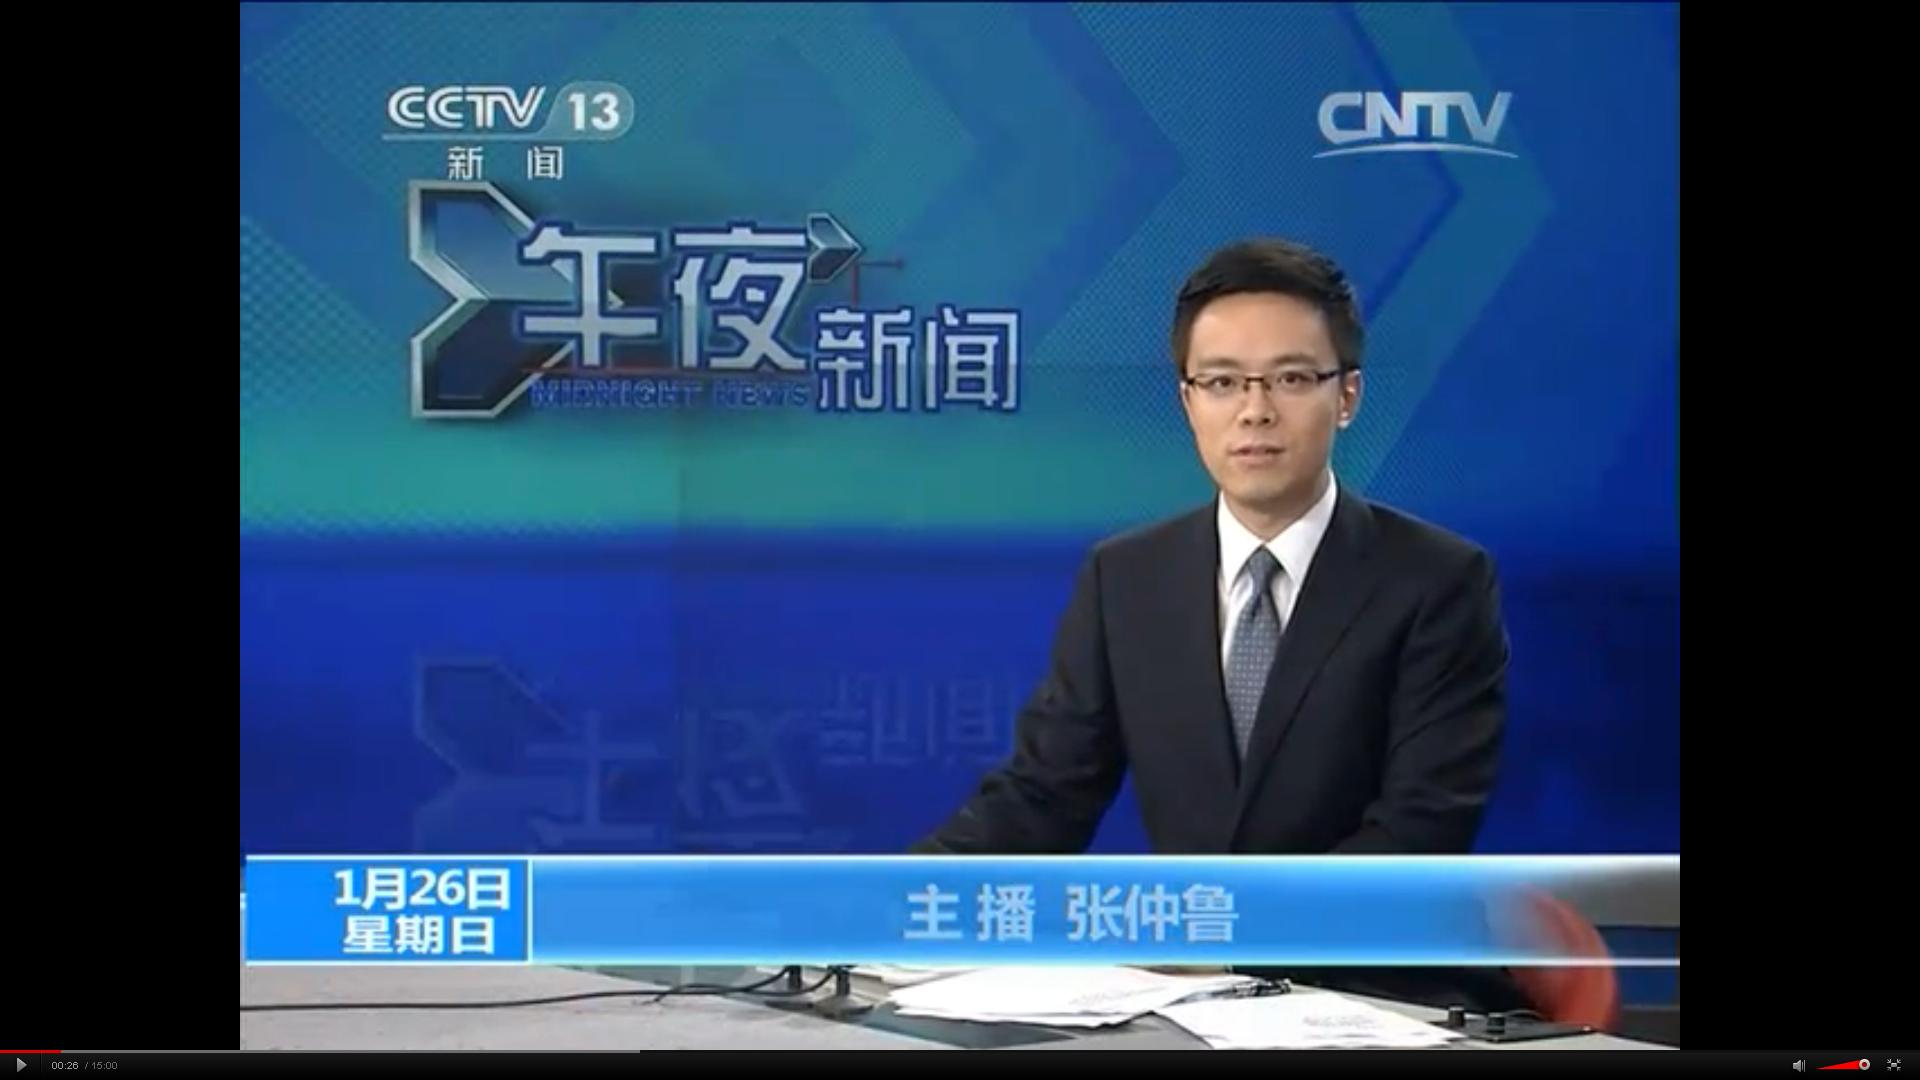 2014年1月20日cctv新闻频道晚6点共同关注女主持人叫什么?